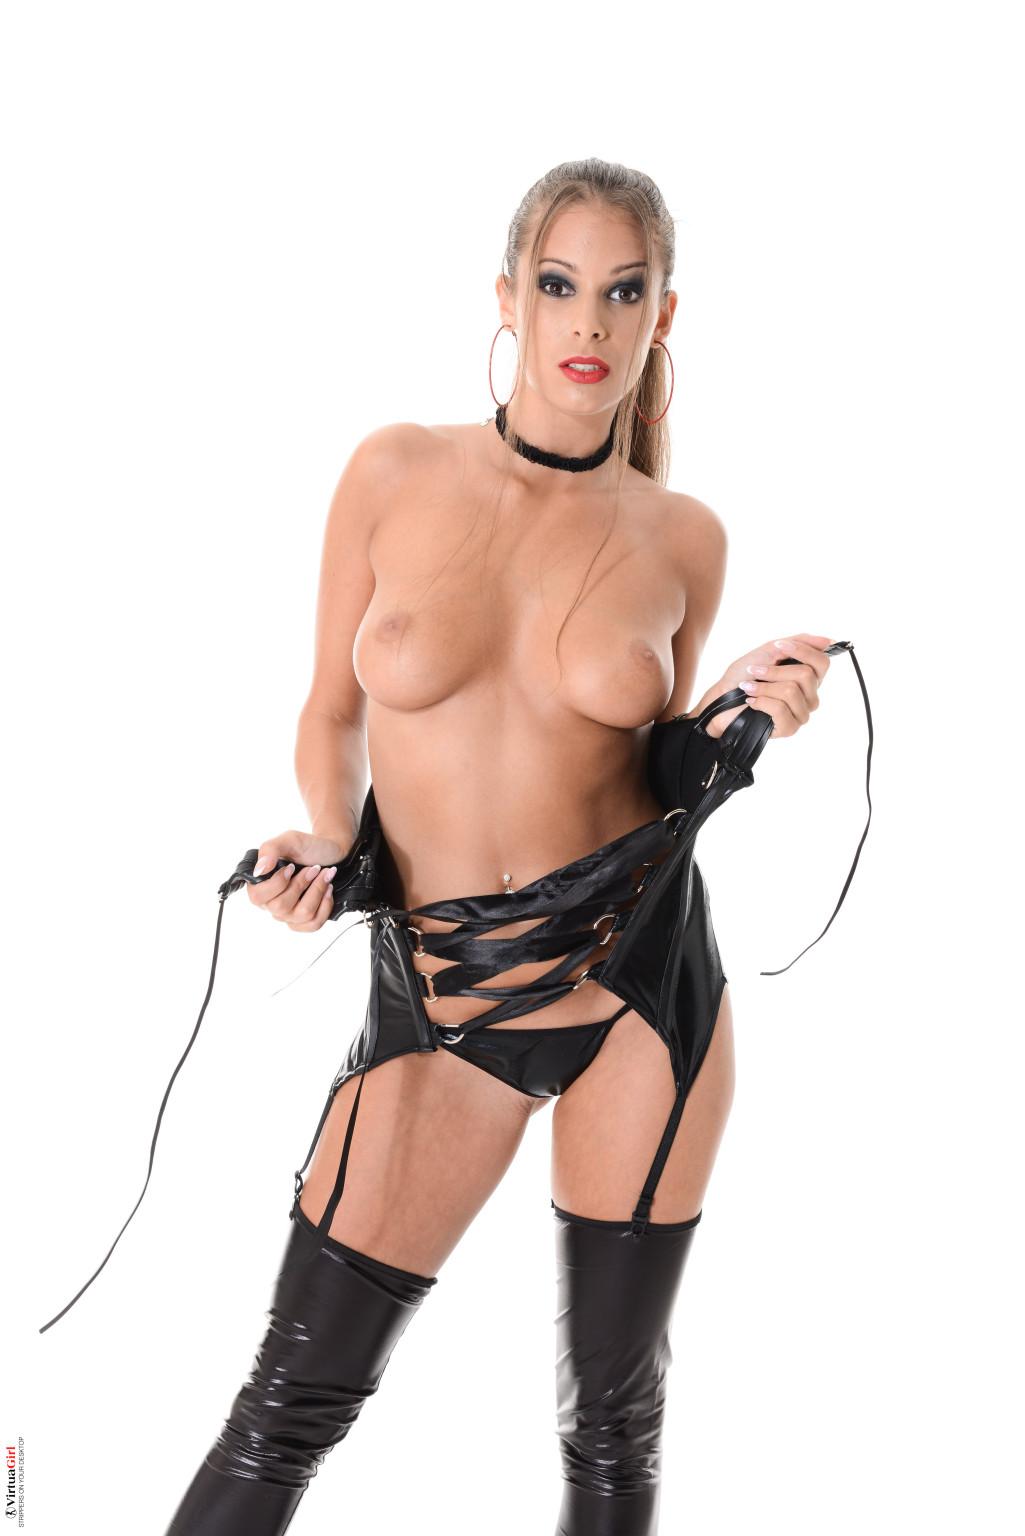 Блондинка Лия Тейлор снимет свой кожаный корсет, под ним прячется не только бархатное тело, но и аккуратные розовые соски